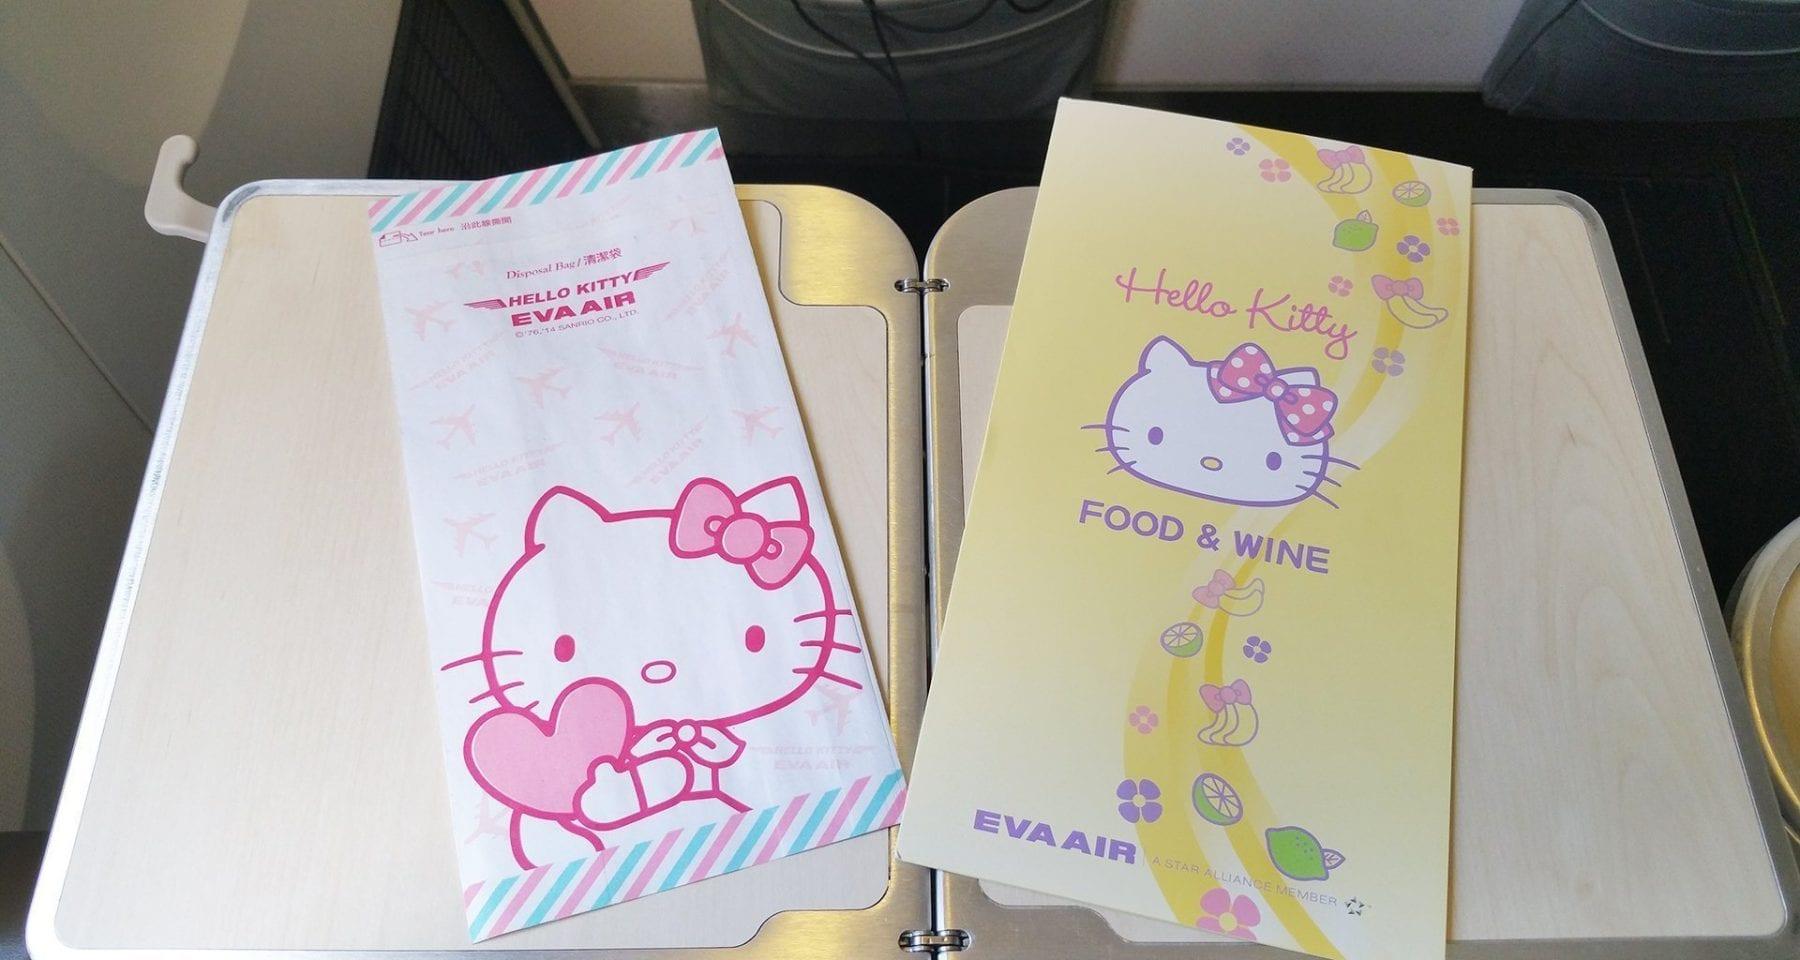 eva air hello kitty menu